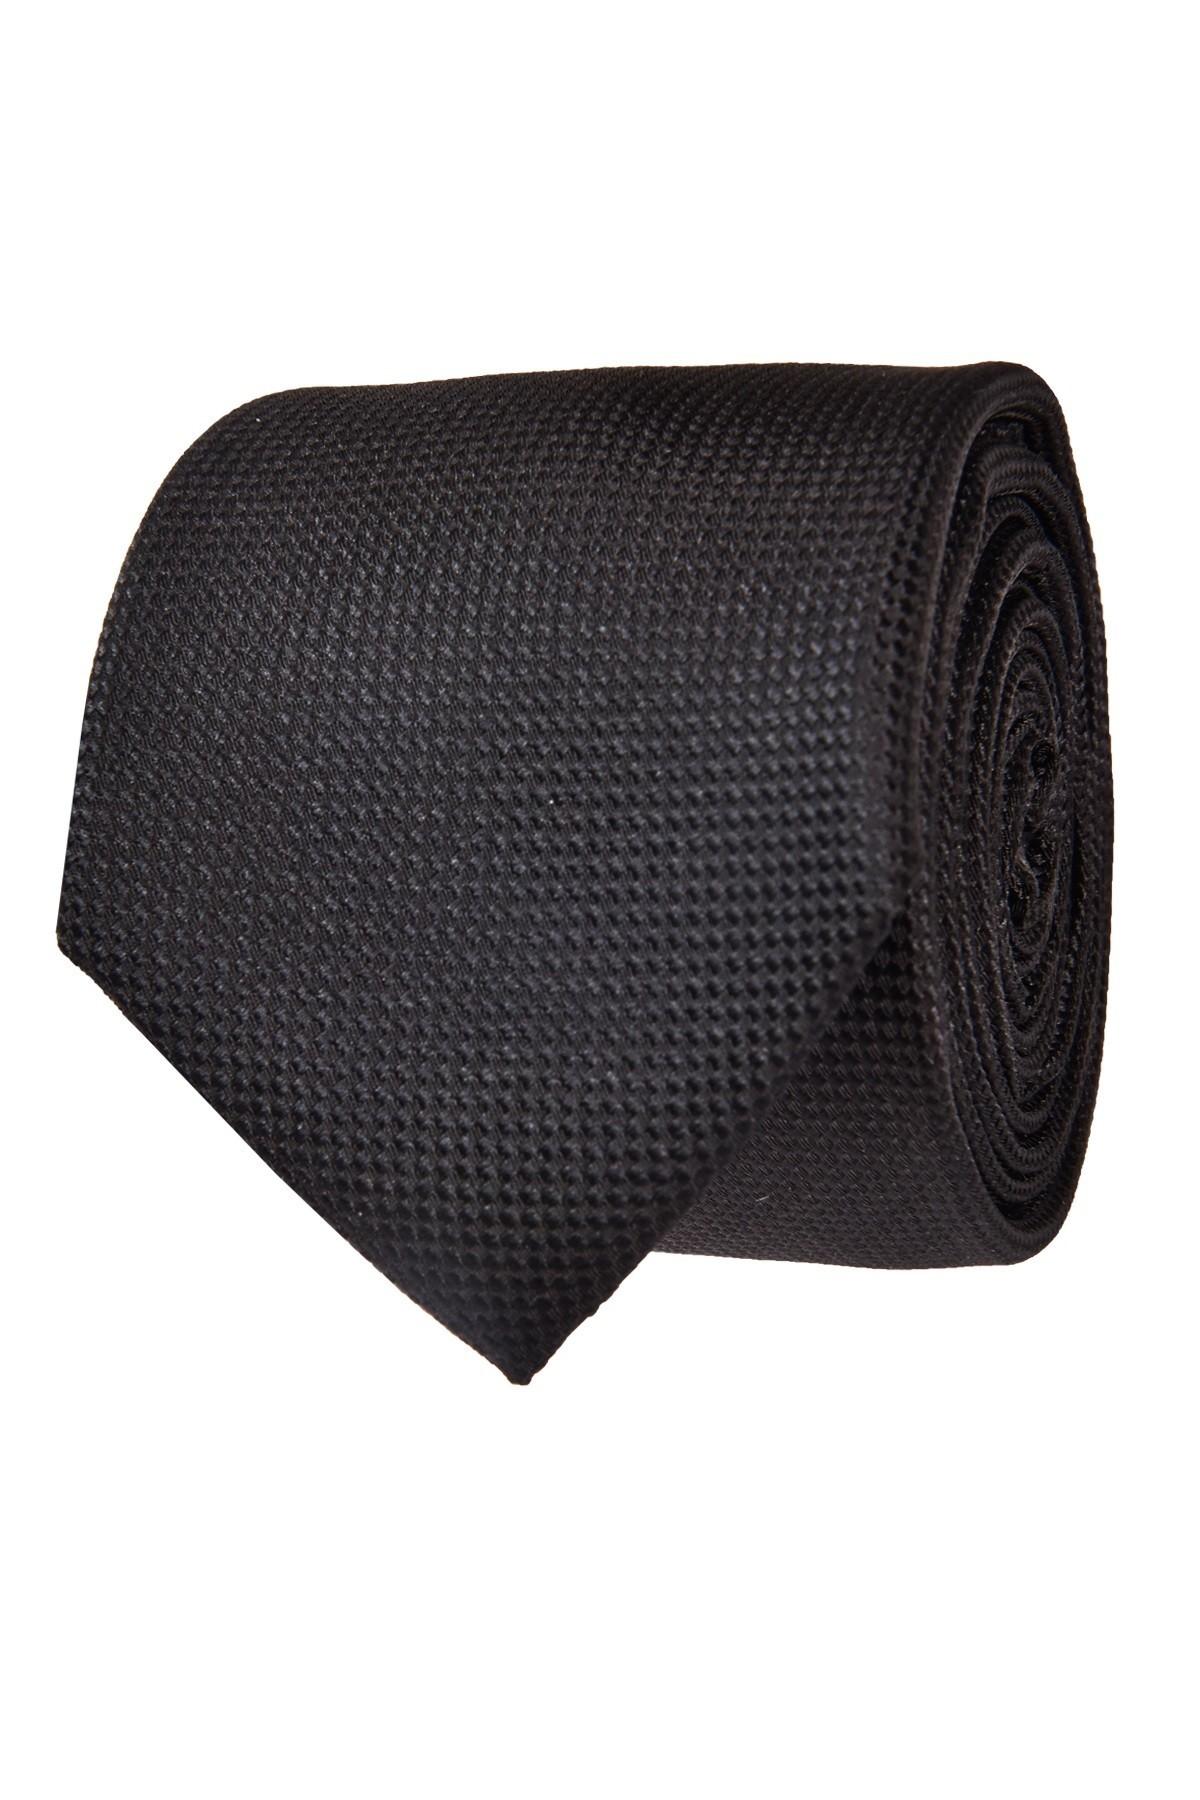 Strukturalny czarny krawat męski